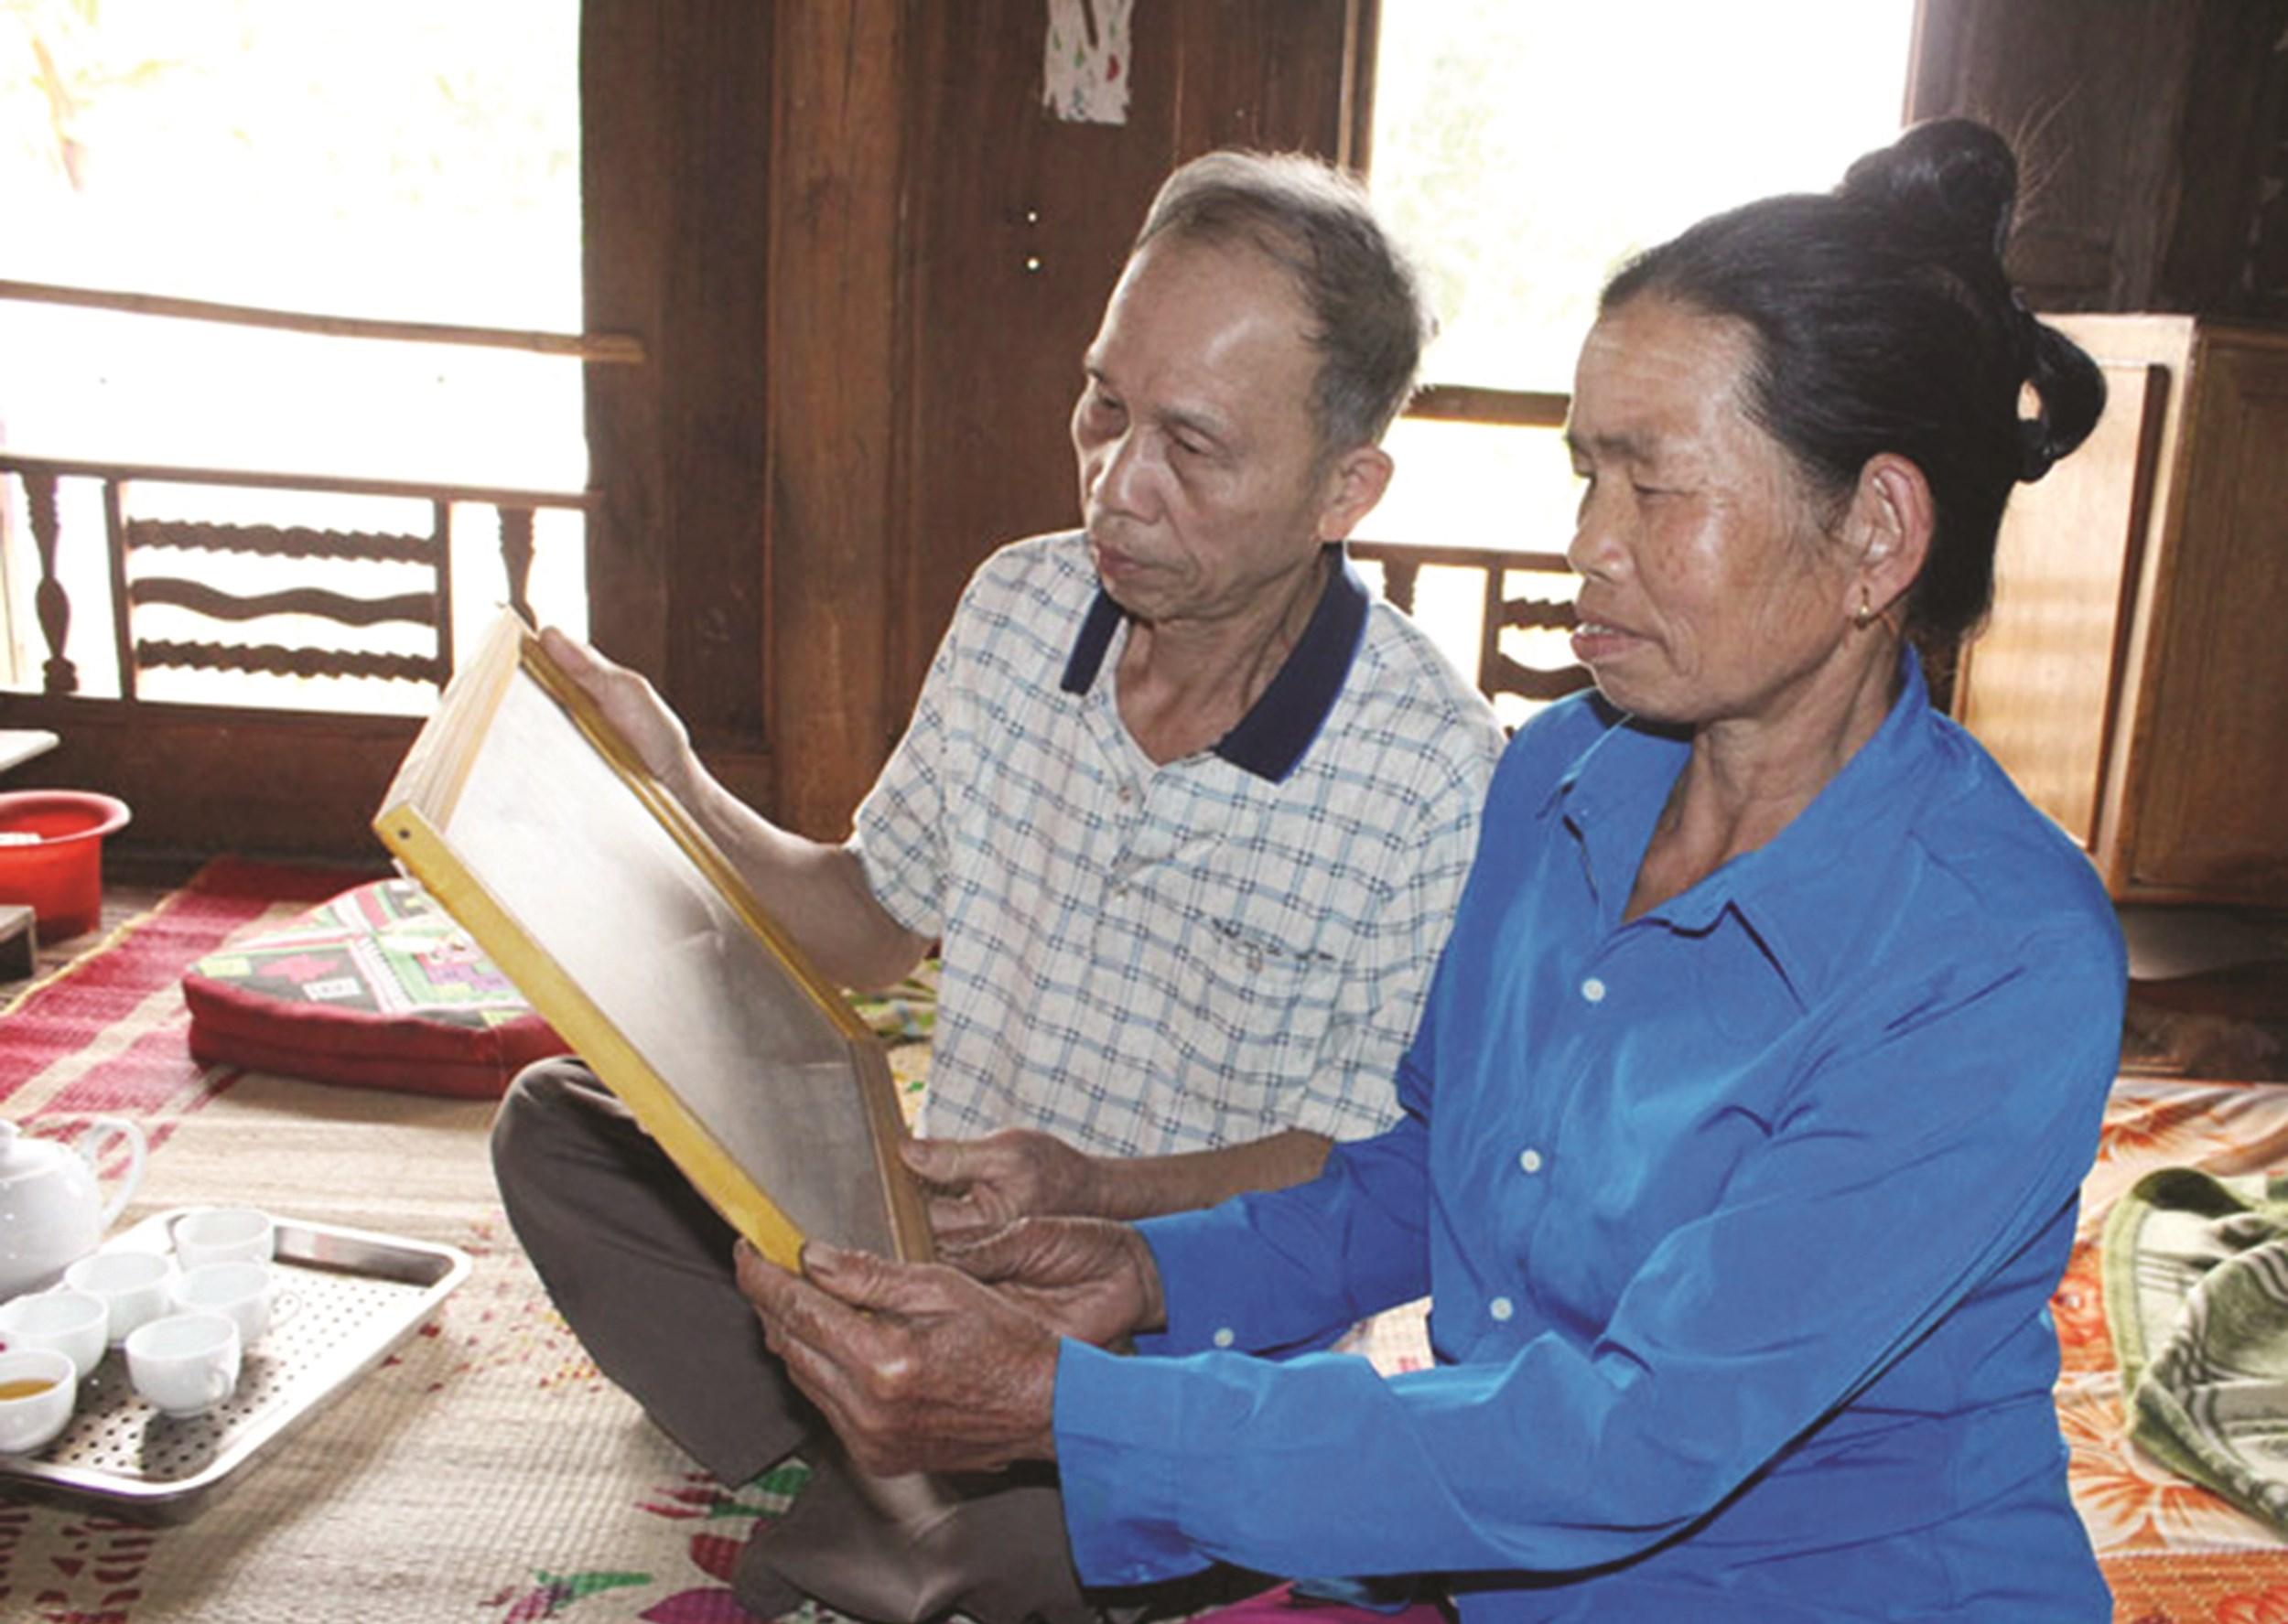 Vợ chồng ông Hà Minh Thiết sống giản dị trong căn nhà sàn đơn sơ thuộc xóm Nám, cách không xa Trường THCS xã Xăm Khòe